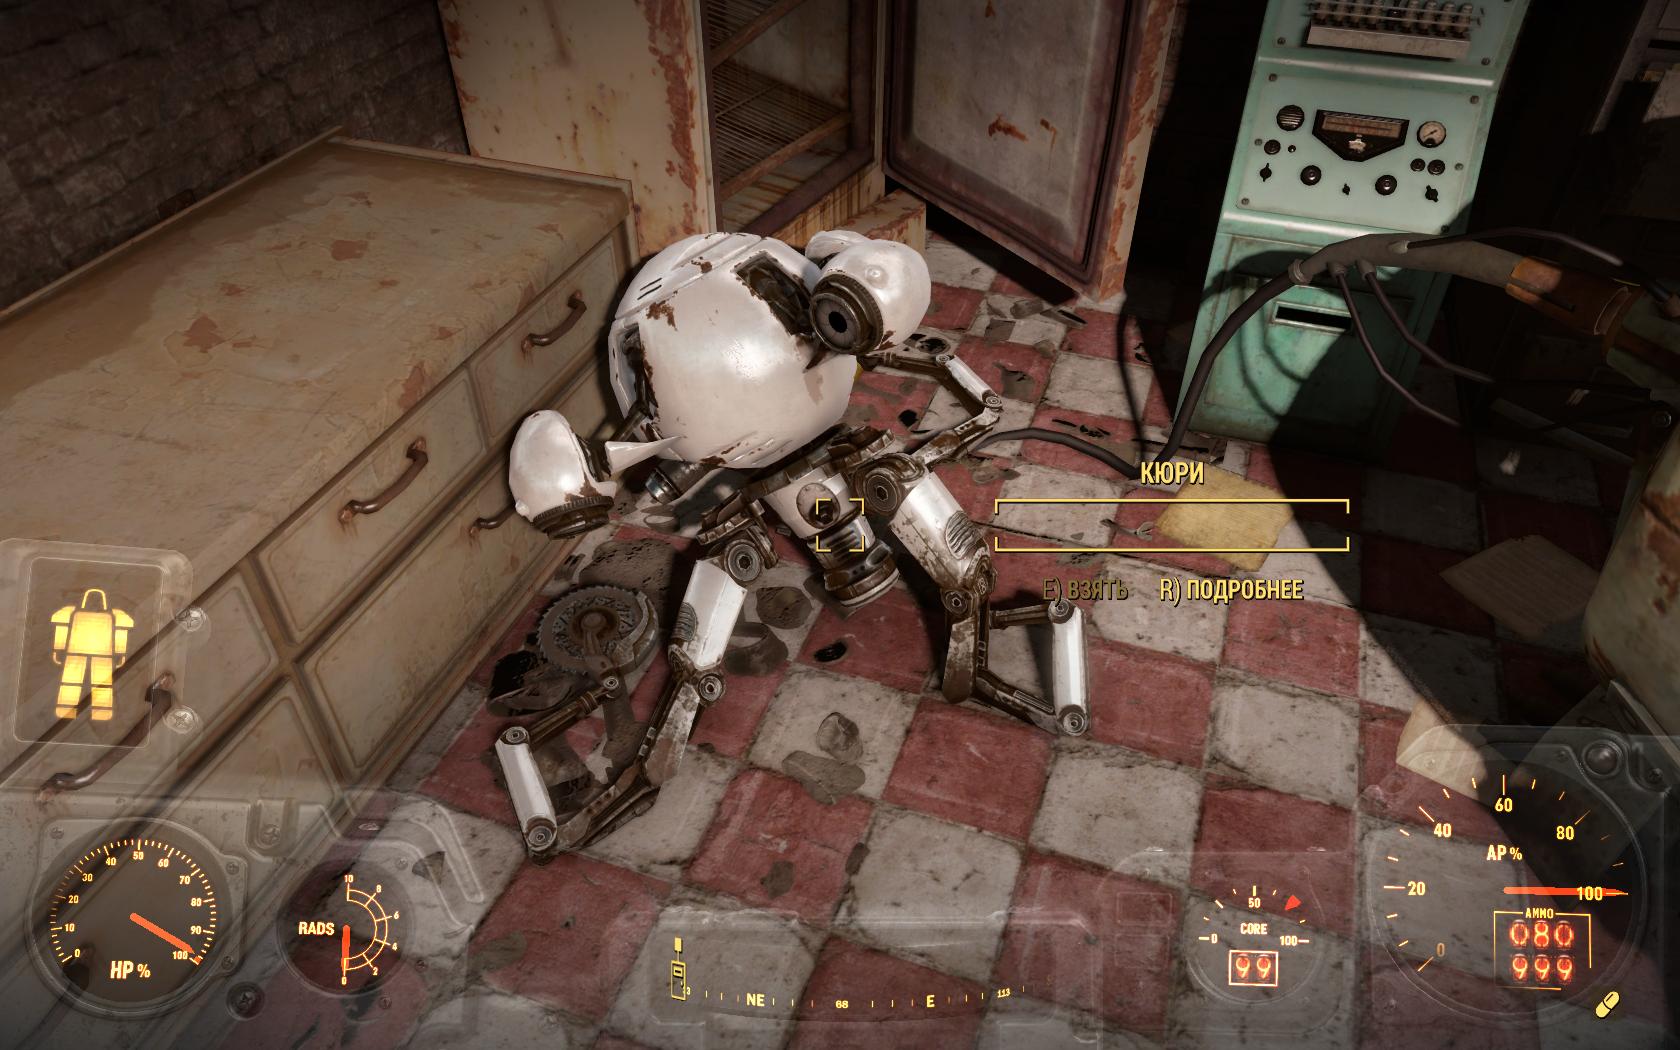 Кюри - последствия линьки (Добрососедство, Дом Воспоминаний) - Fallout 4 Добрососедство, Дом Воспоминаний, робот